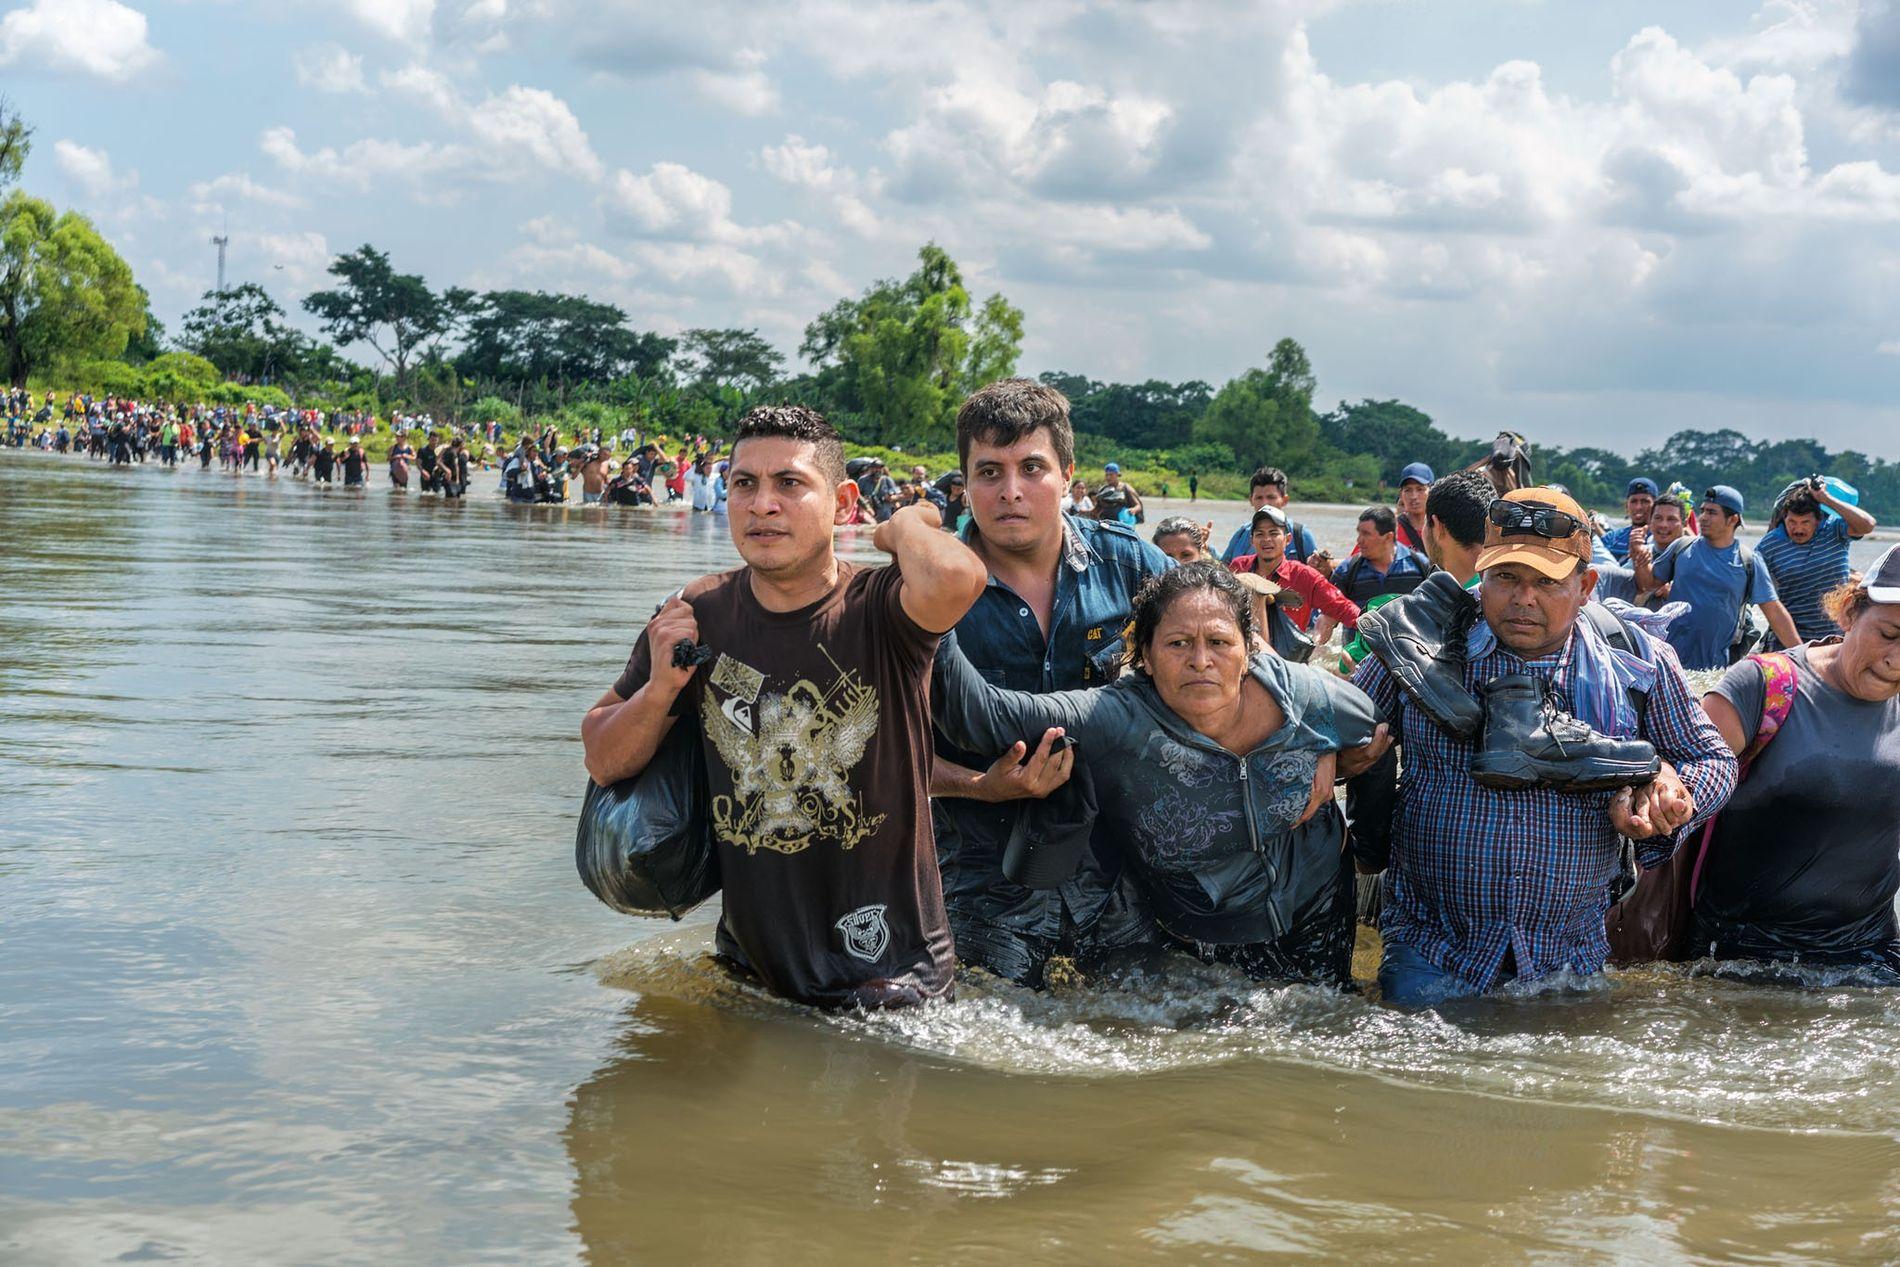 En novembre 2018, des Salvadoriens passent la frontière du Guatemala au Mexique. Il leur reste 3 900 km pour atteindre les États-Unis. Donald Trump a fait déployer 5 000 soldats américains à la frontière avec le Mexique pour décourager les migrants.